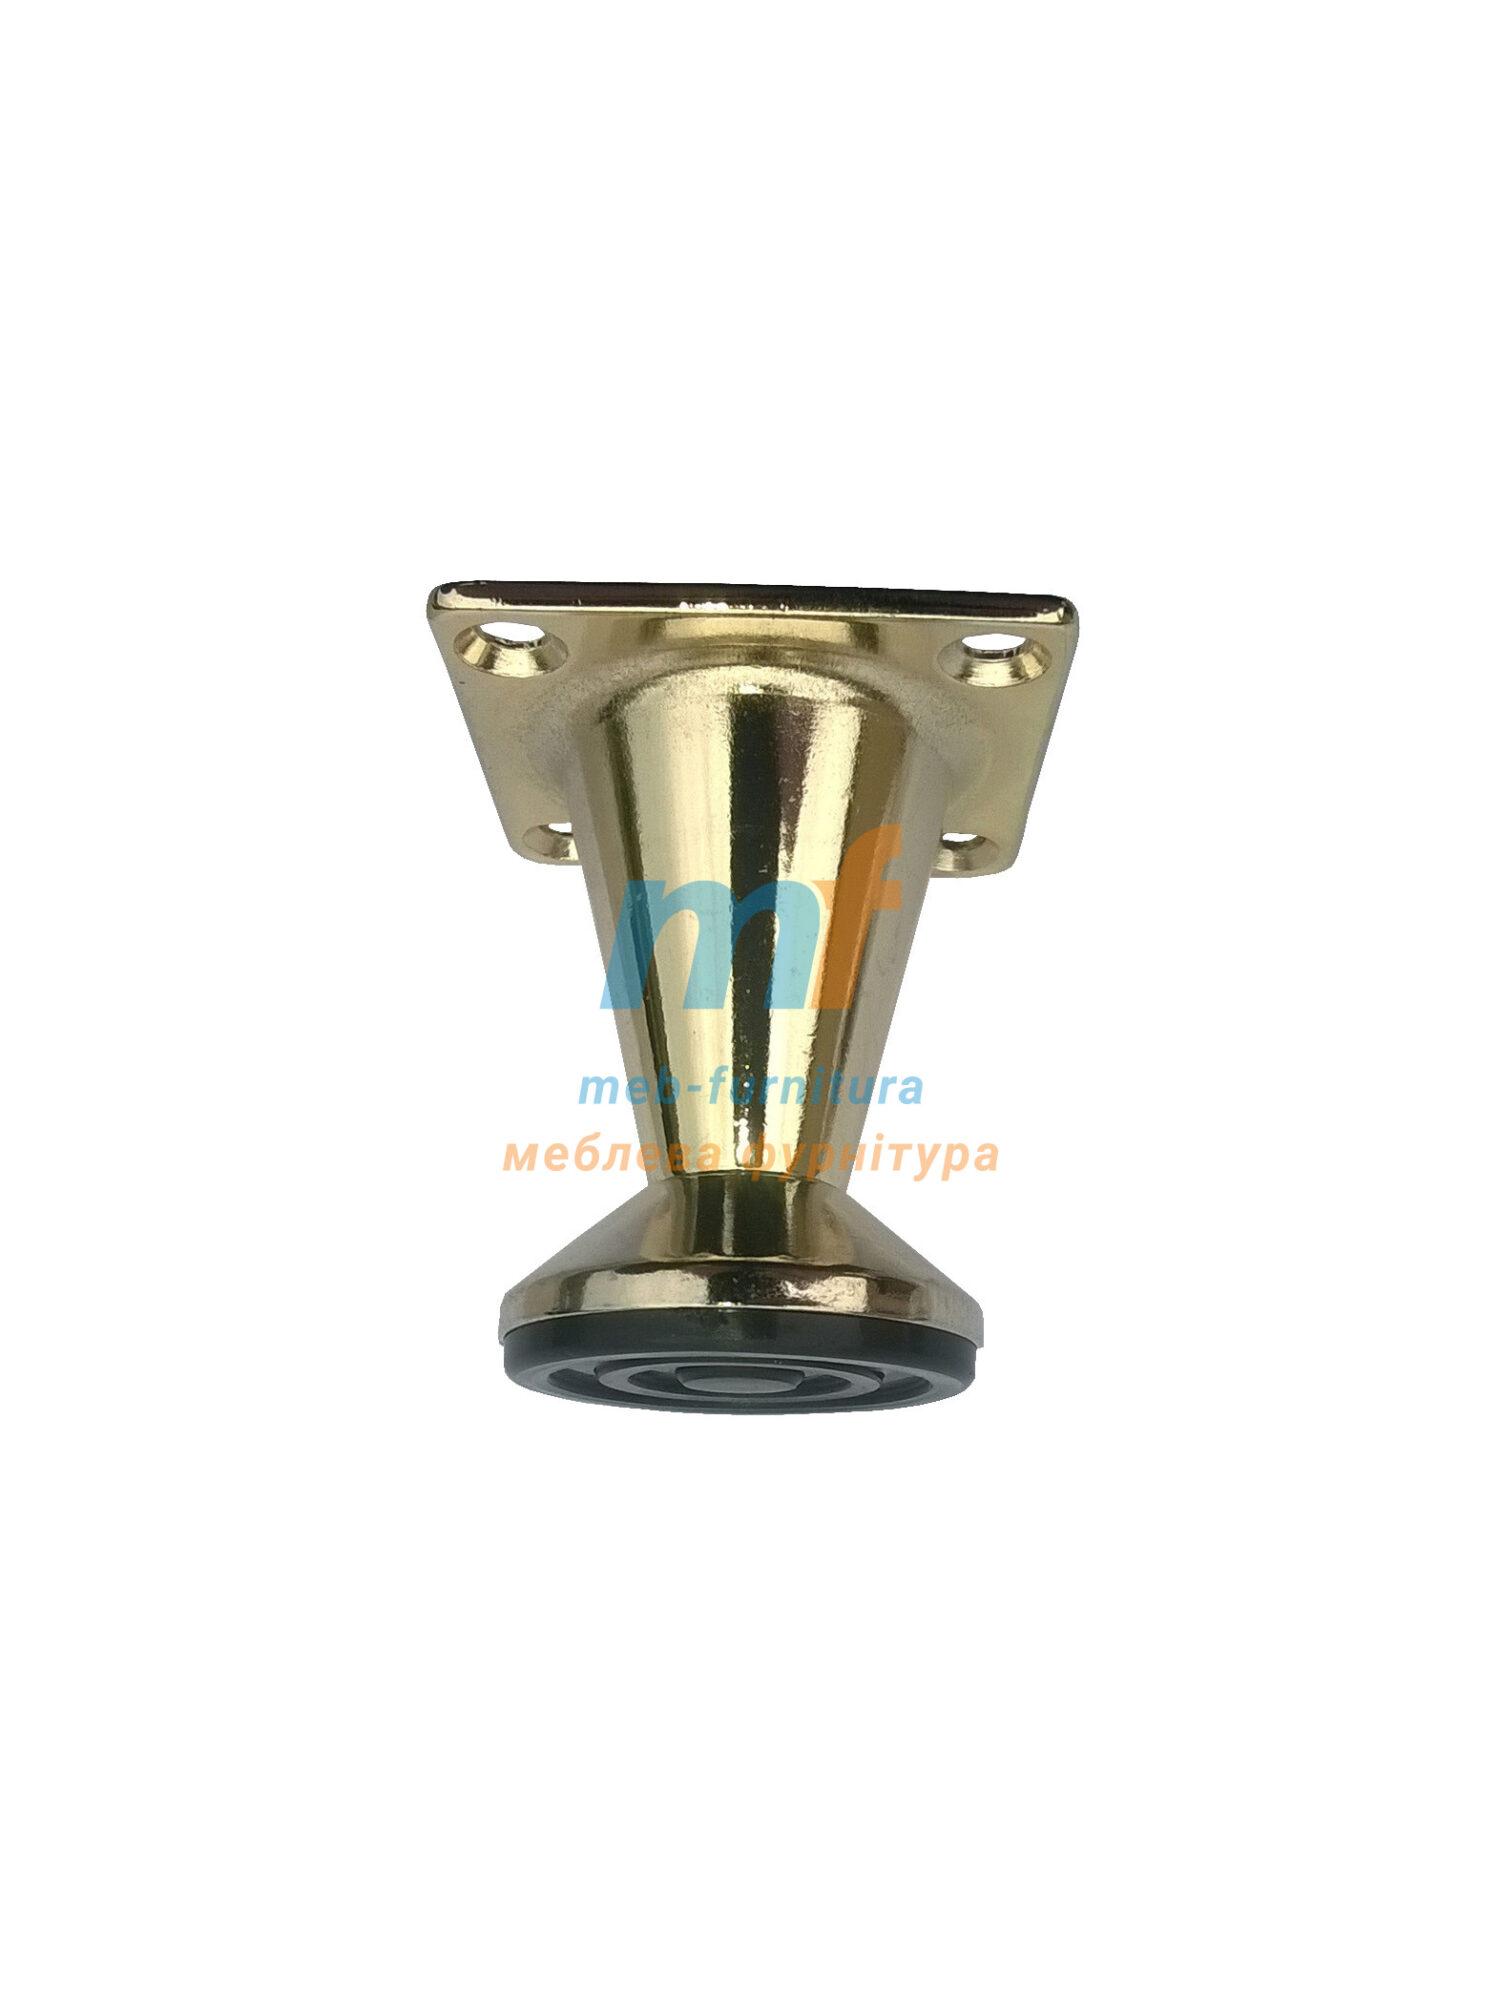 Опора мебельная конусная золото 100мм с регулировкой